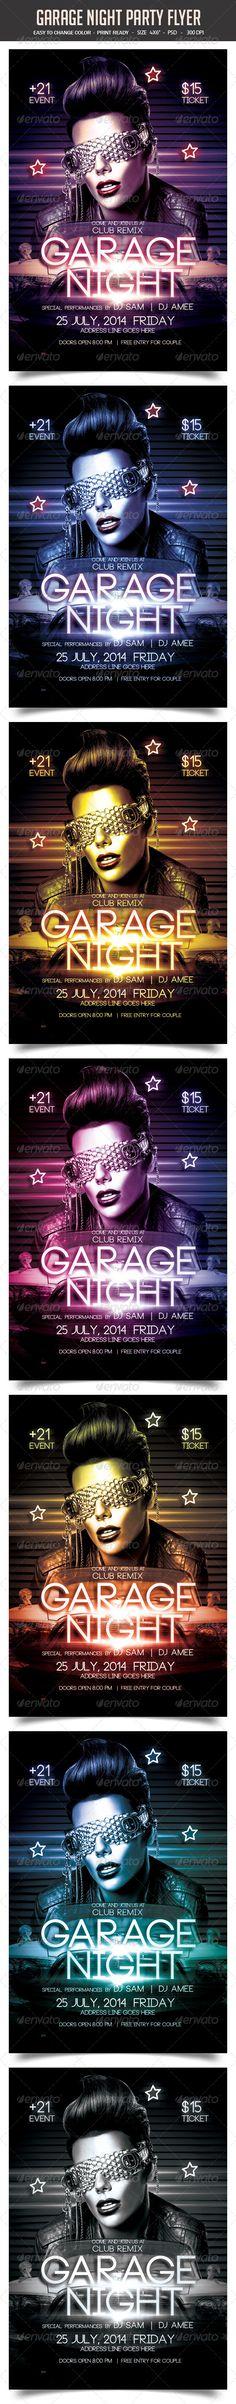 Garage Night Party Flyer